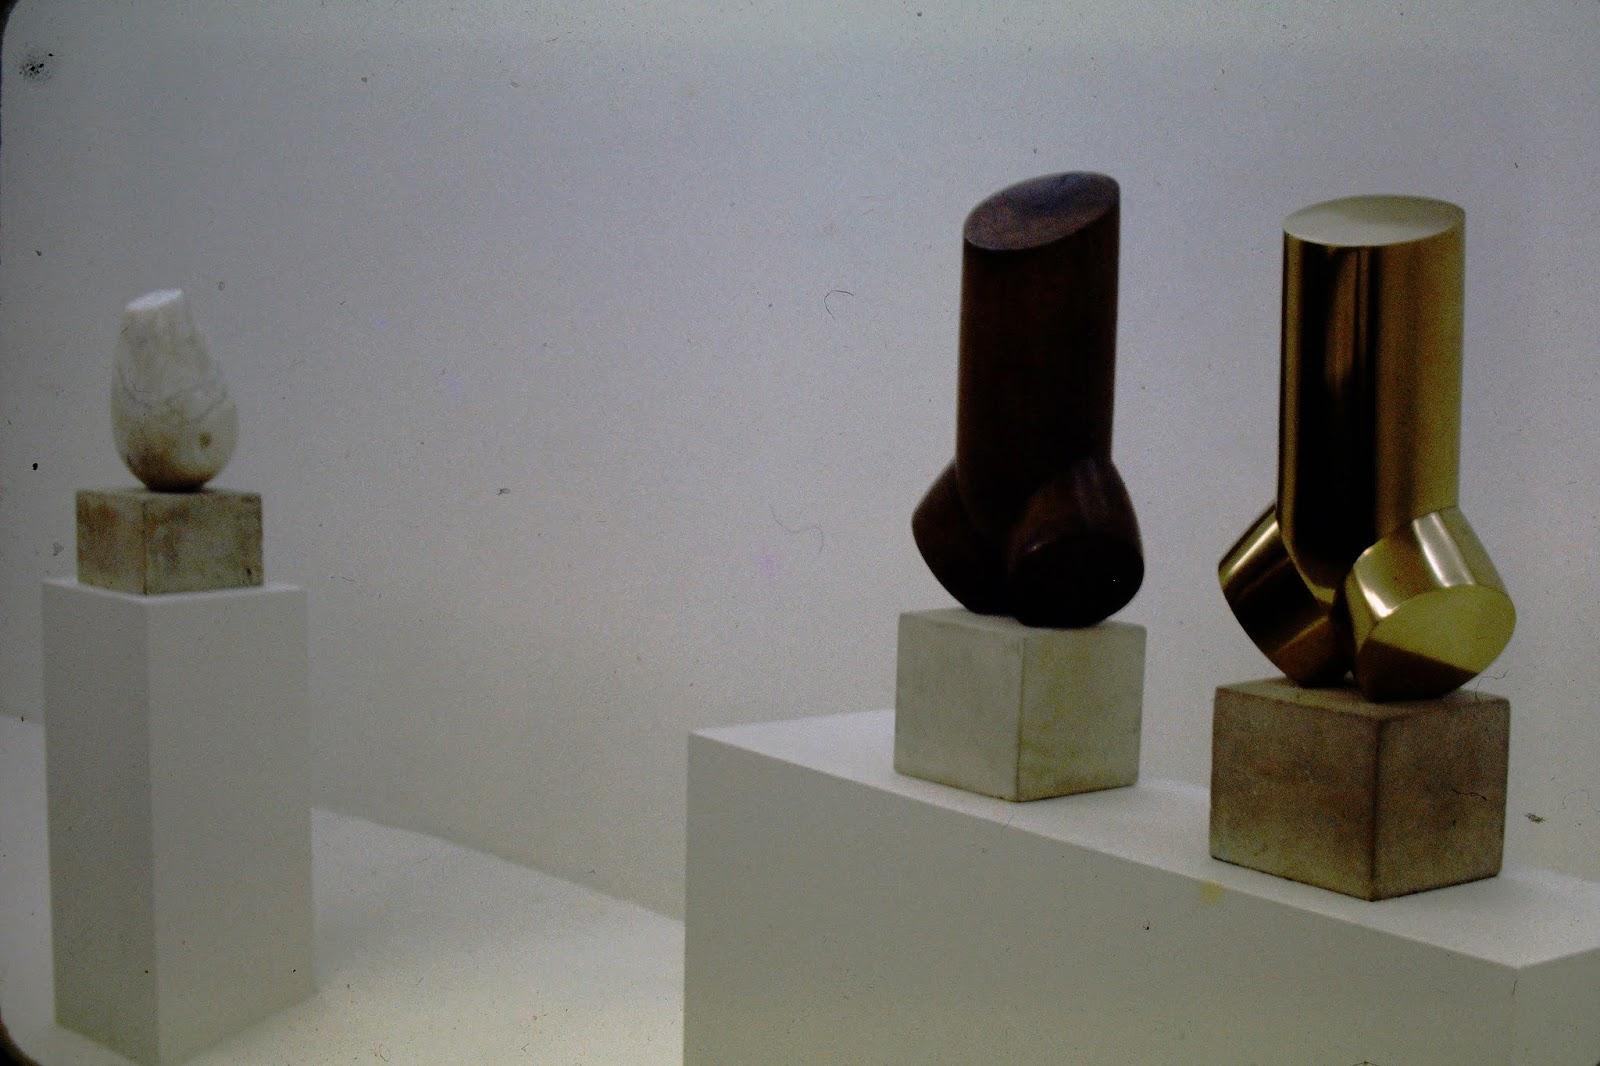 Art, Modern Art, Sculpture, Room